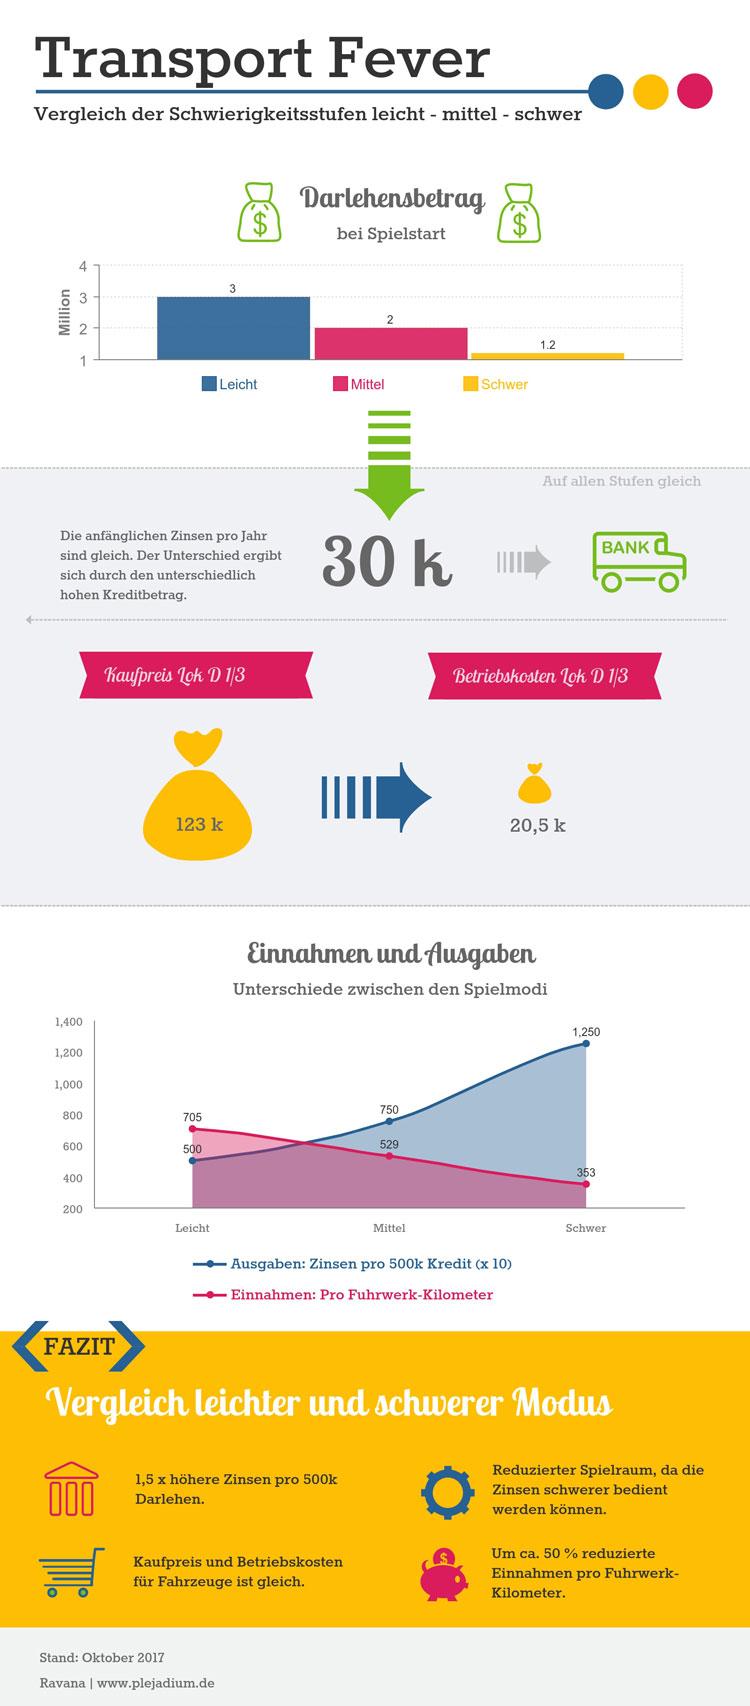 Infografik zum Vergleich des leichten, mittleren und schweren Spielmodus in Transport Fever